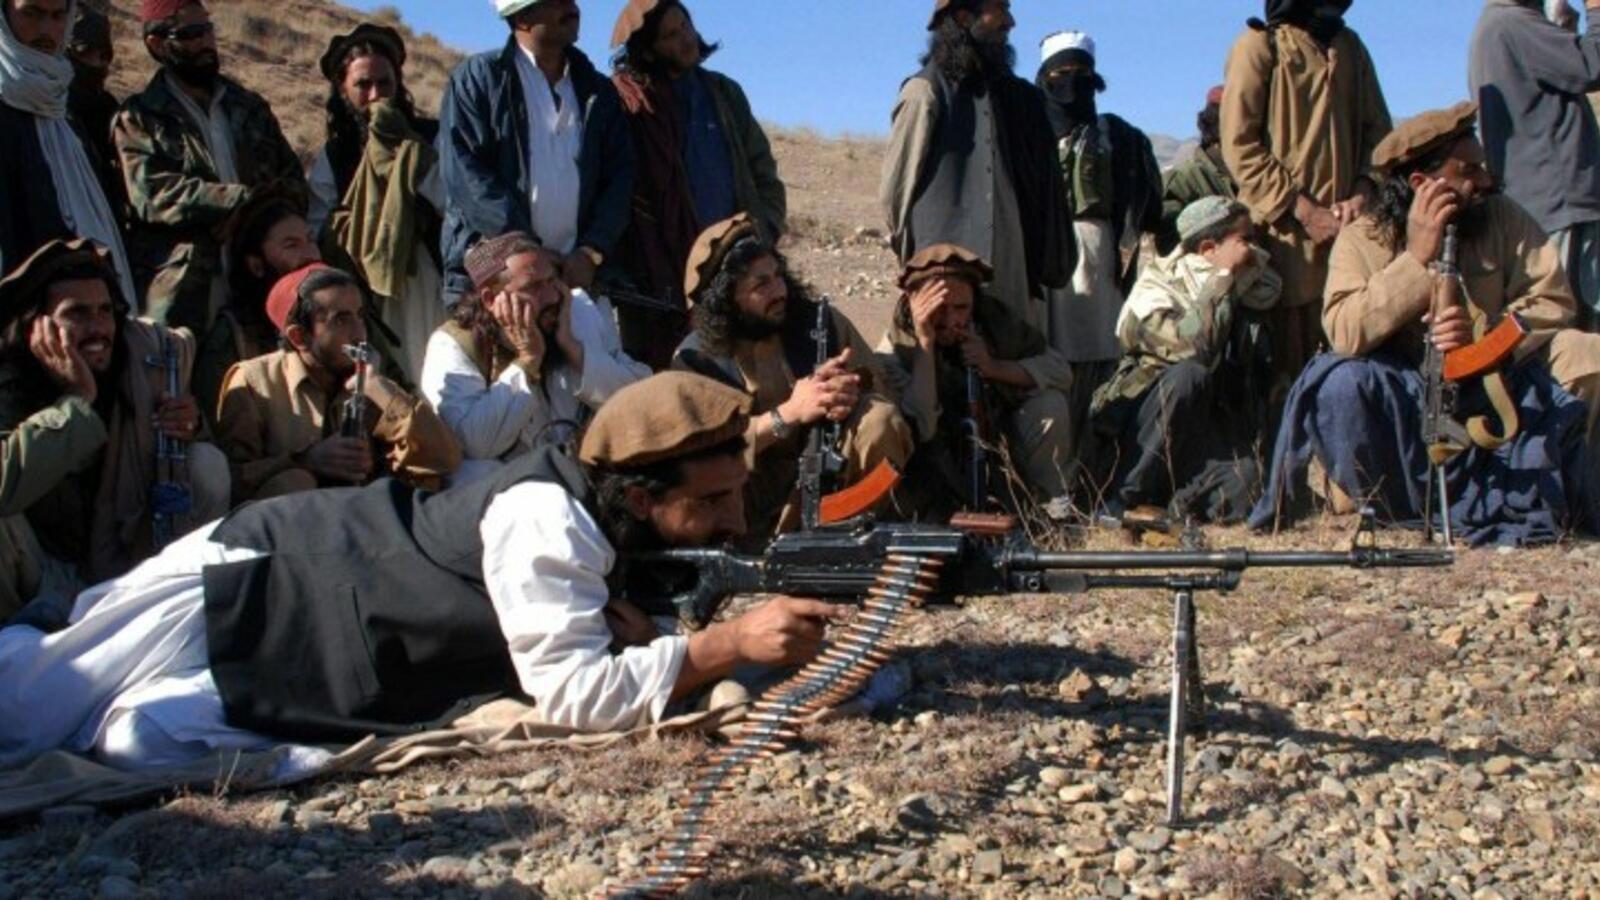 طالبان - مقتل 27 مسلحا تابعا لحركة طالبان إثر الغارة الجوية الأمريكية